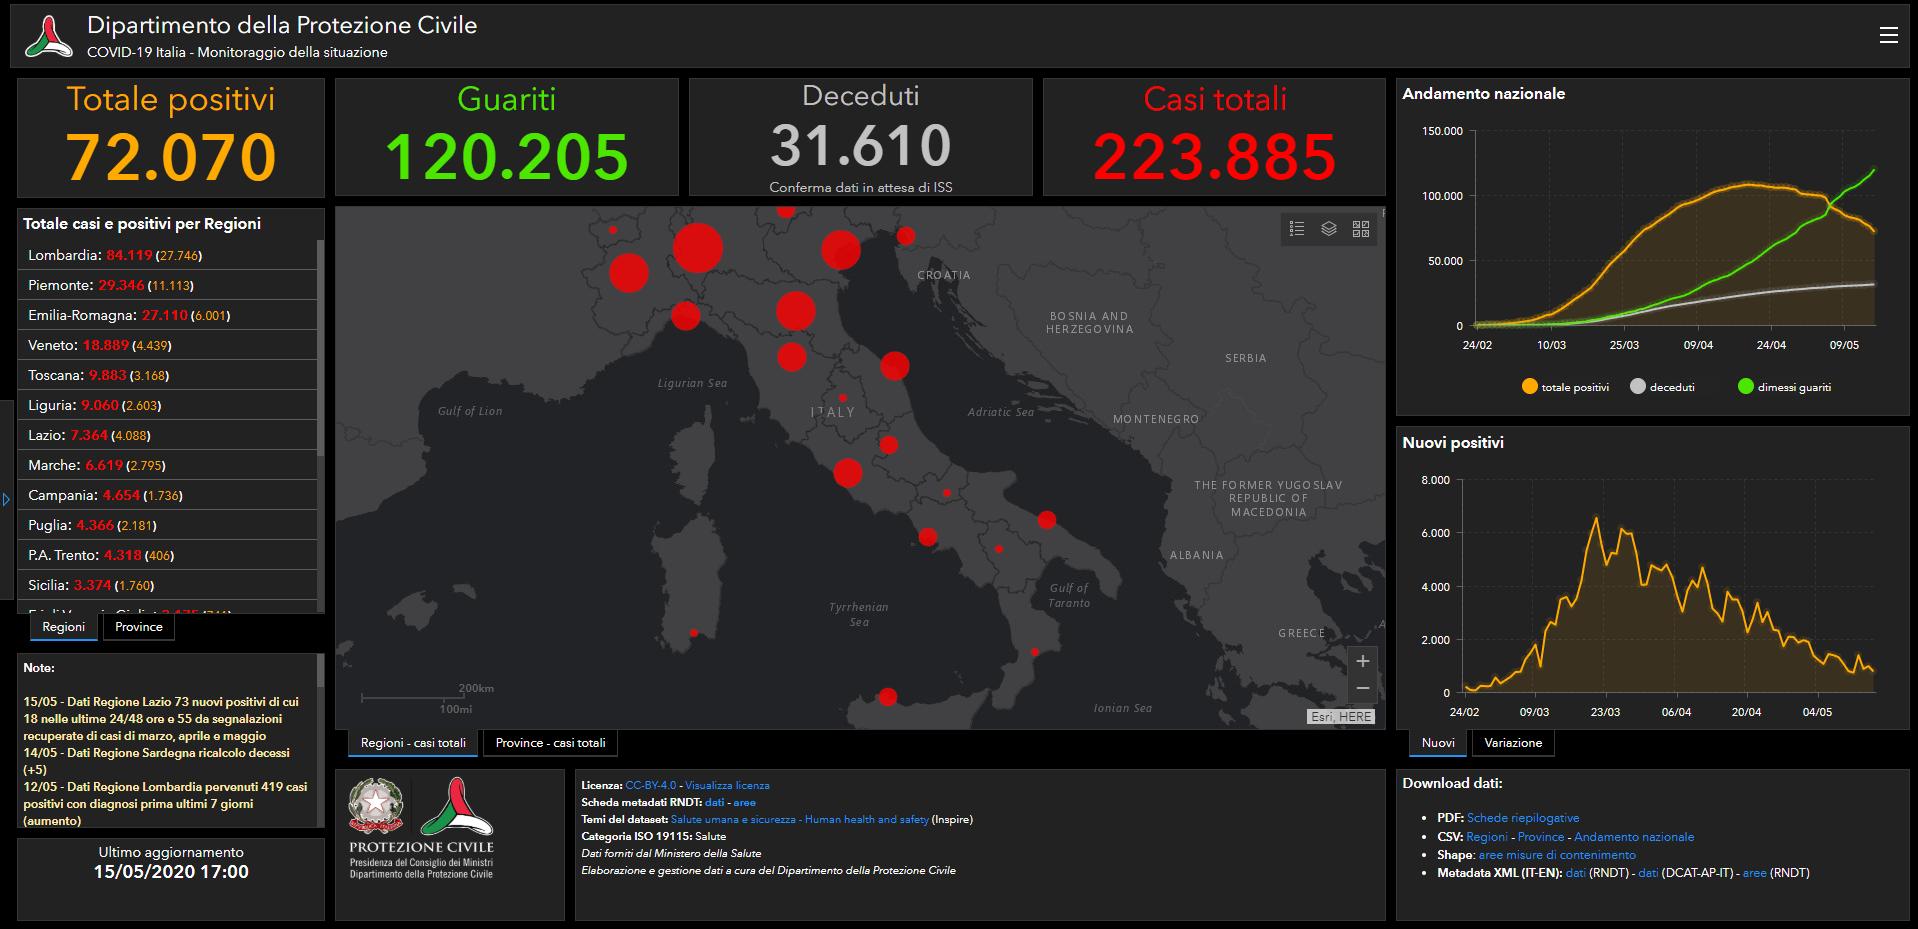 COVID-19 Italia - Monitoraggio della situazione